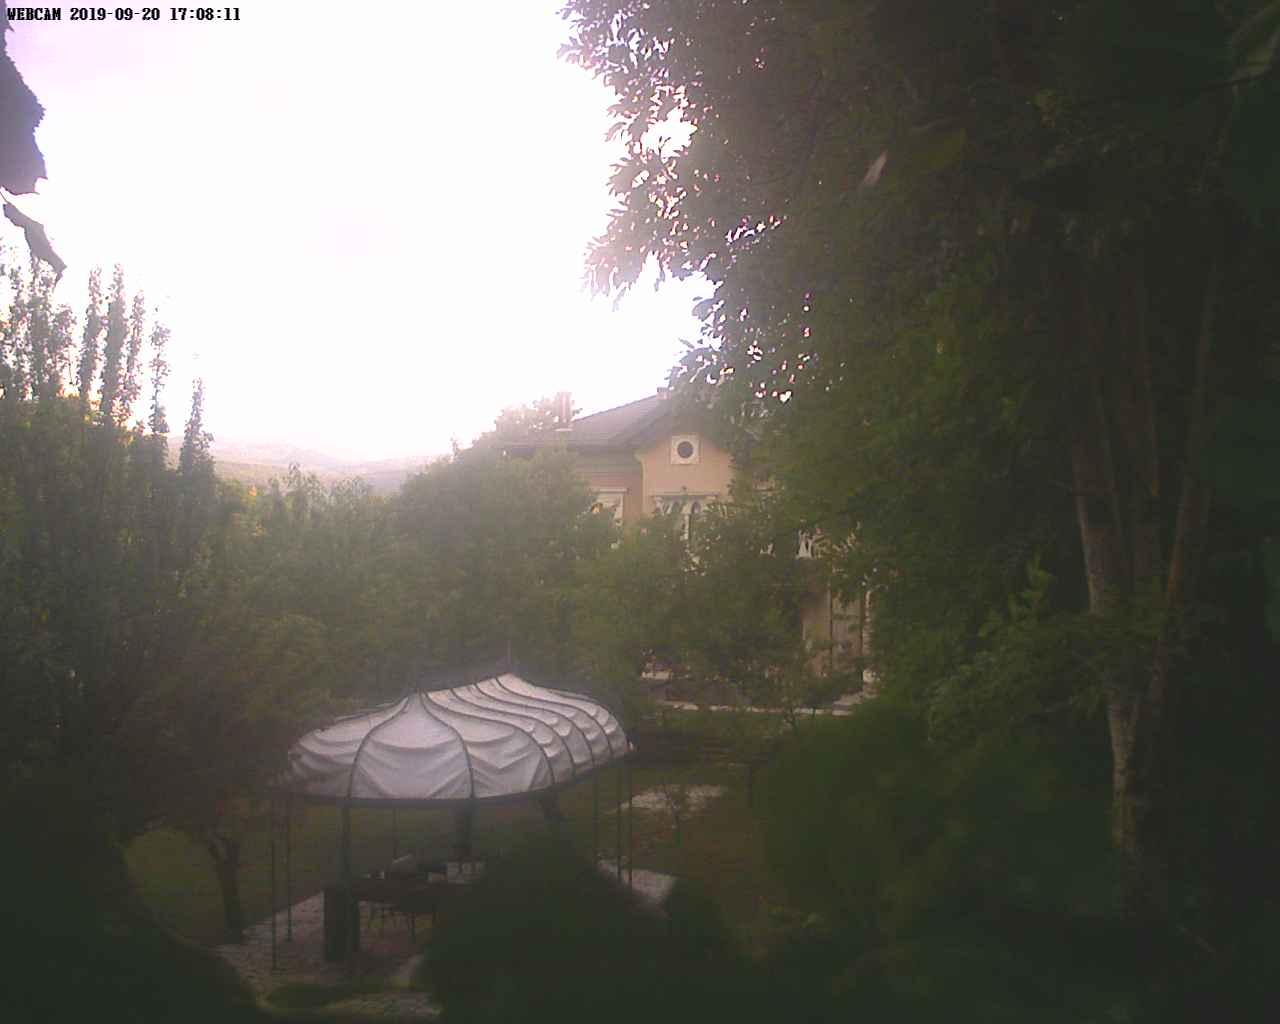 Albergo Villino Quintiliani - Webcam in diretta